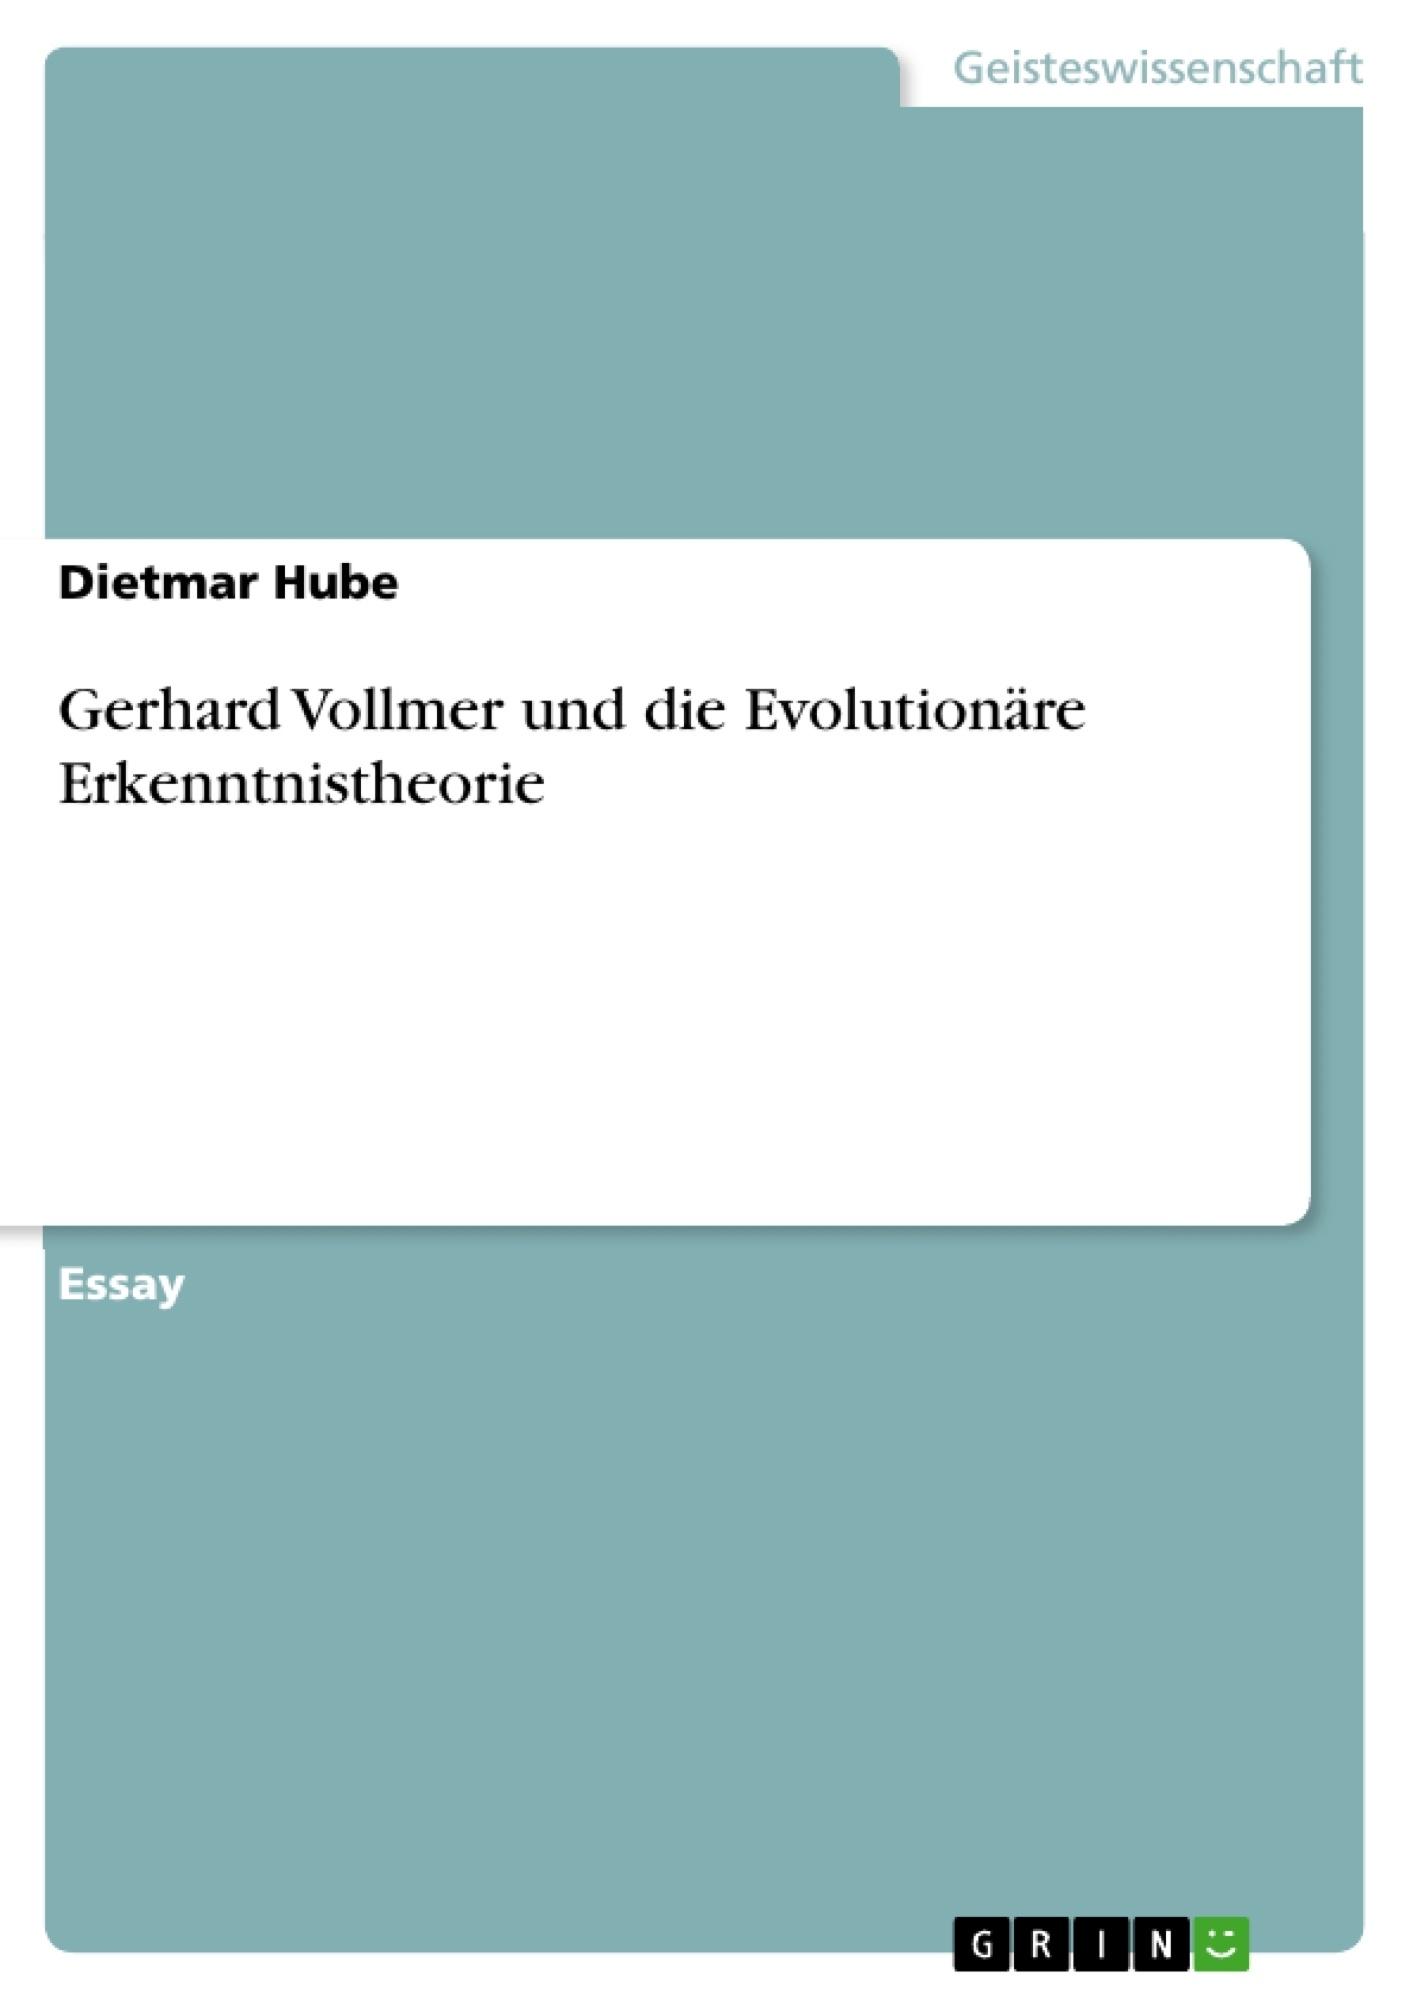 Titel: Gerhard Vollmer und die Evolutionäre Erkenntnistheorie